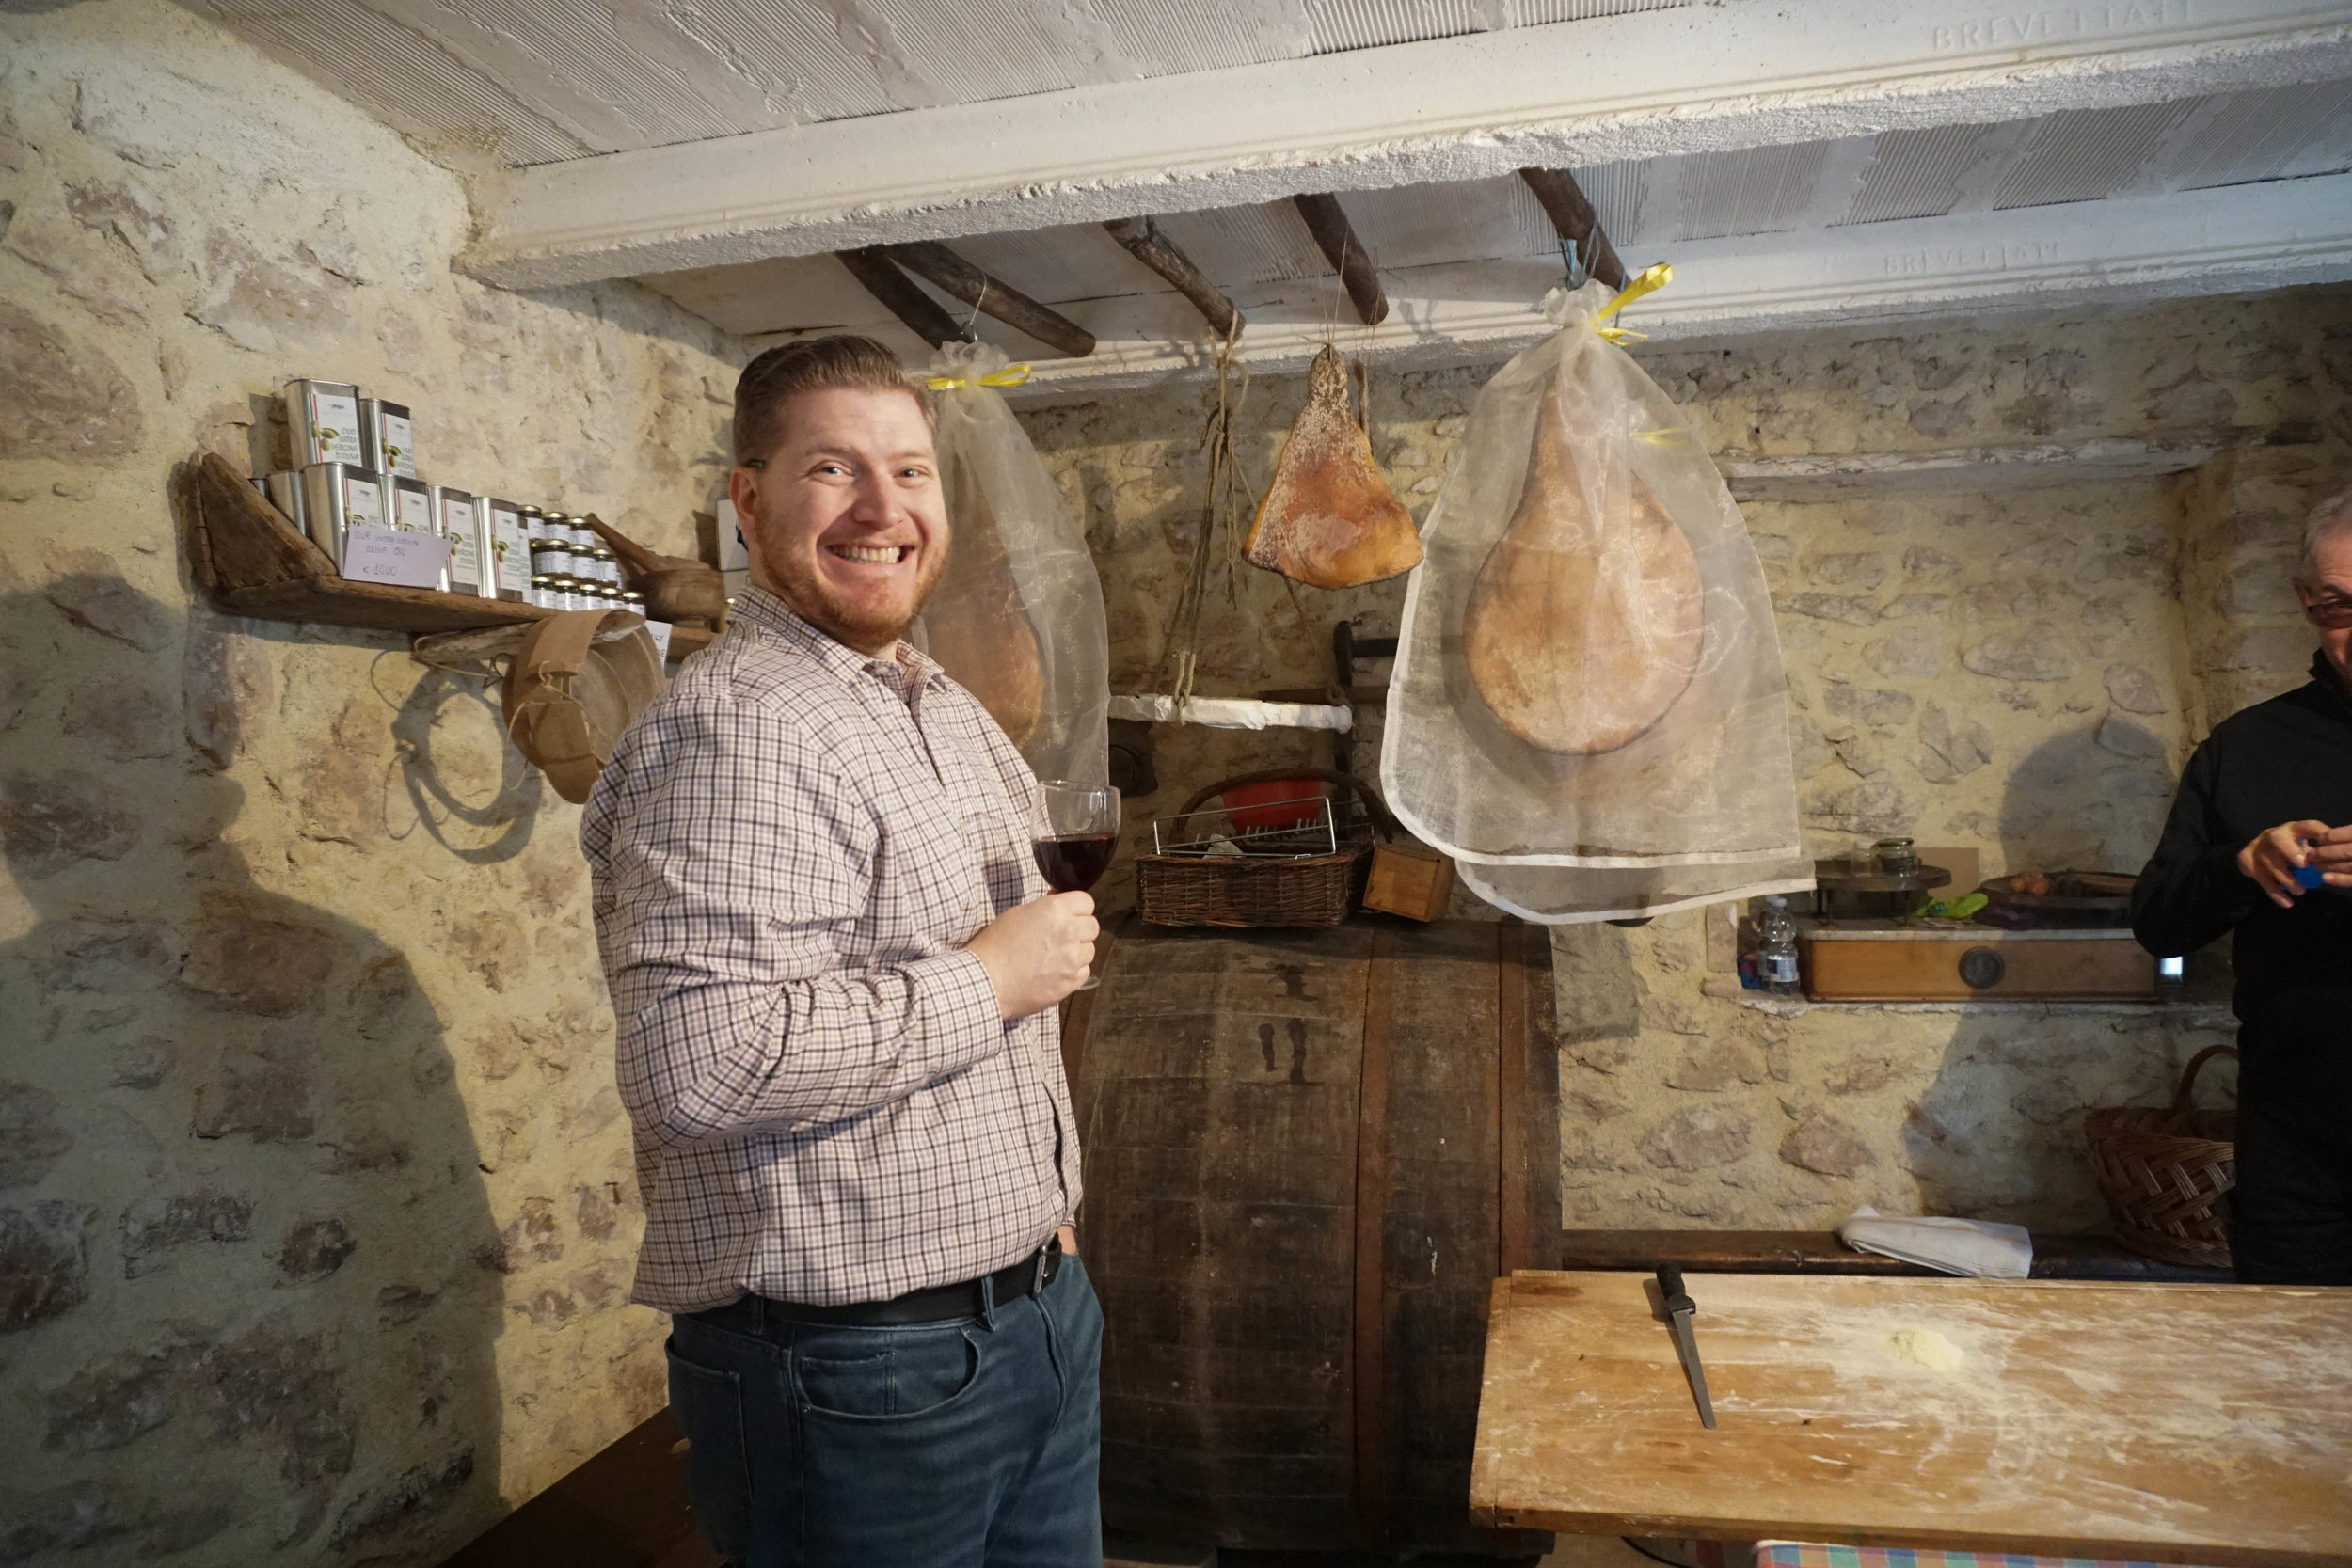 chefstour17_trufflehunt_umbria_9628.jpg